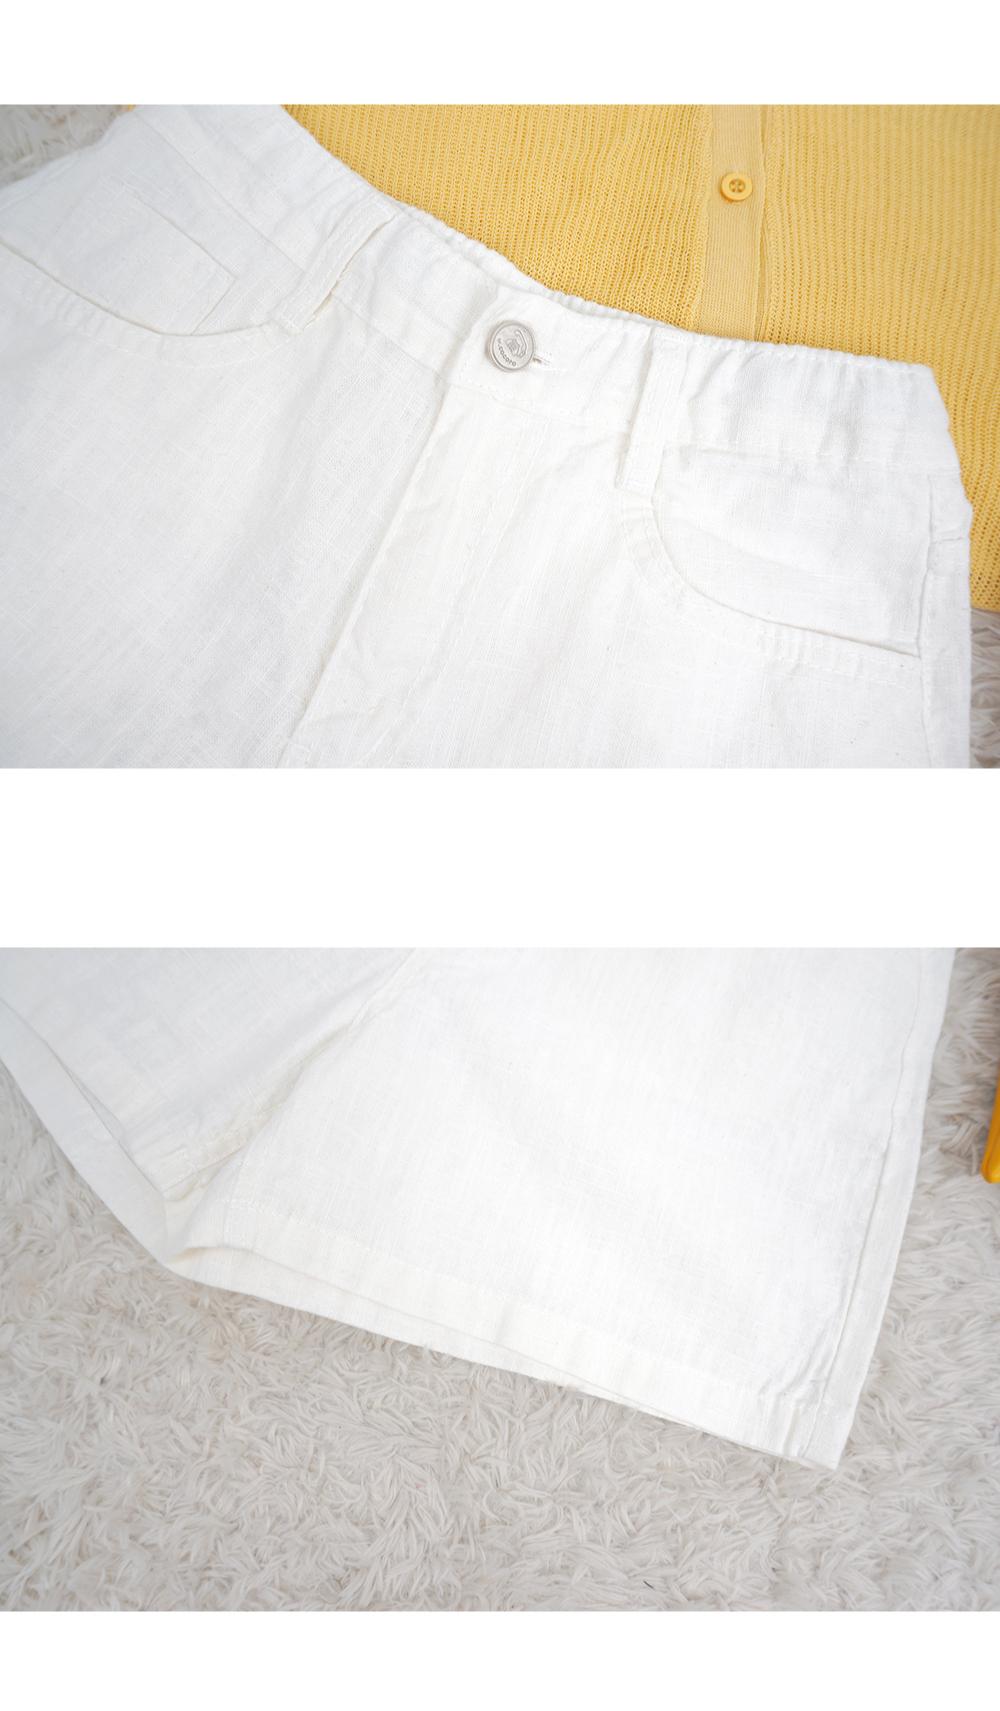 Lundy Linen Short P # Hidden Band